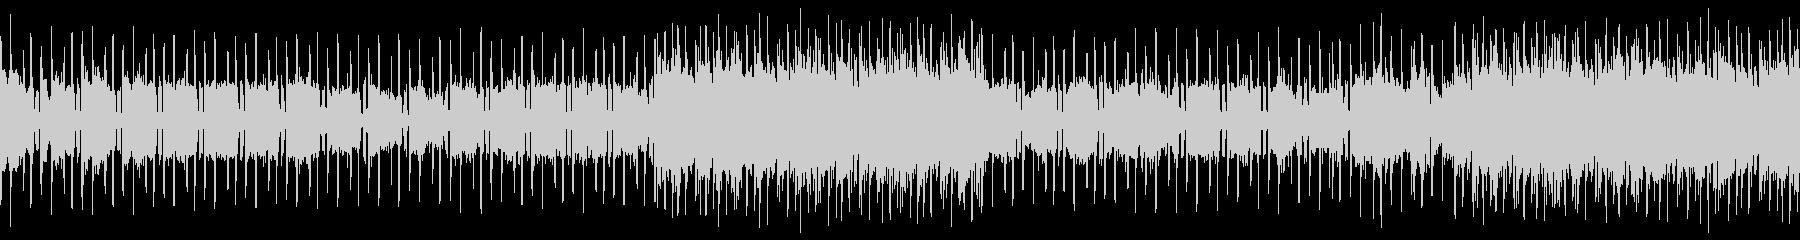 ベースなし ループバージョンの未再生の波形